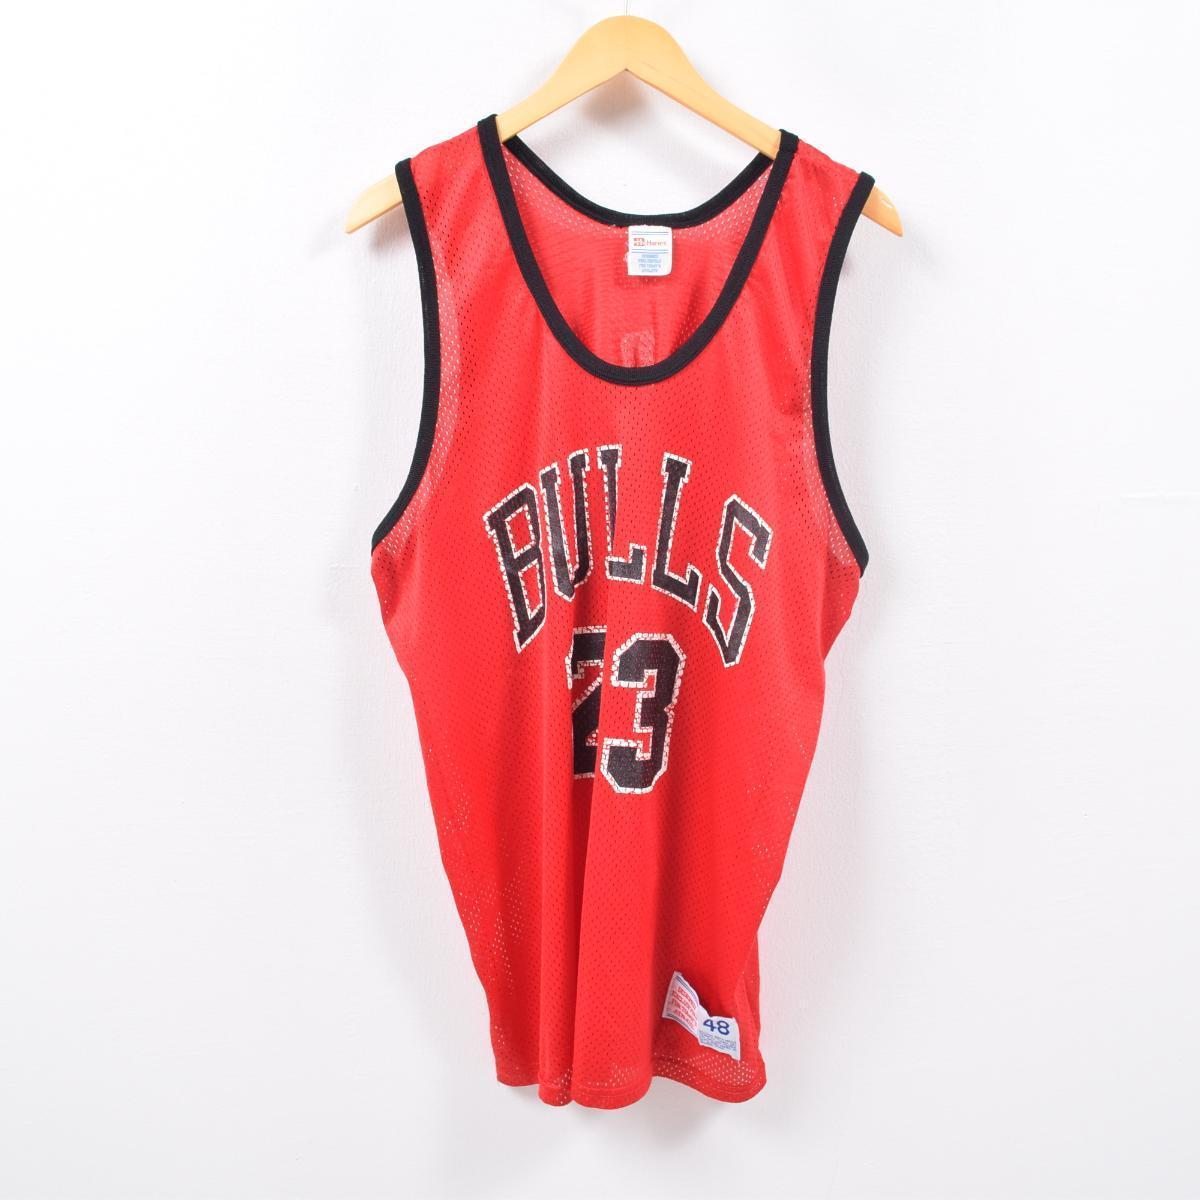 チャンピオン Champion NBA CHICAGO BULLS シカゴブルズ MICHAEL JORDAN マイケルジョーダン ゲームシャツ レプリカユニフォーム メンズXL /wbd8300 【中古】 【190428】【CS2001】【VTG】